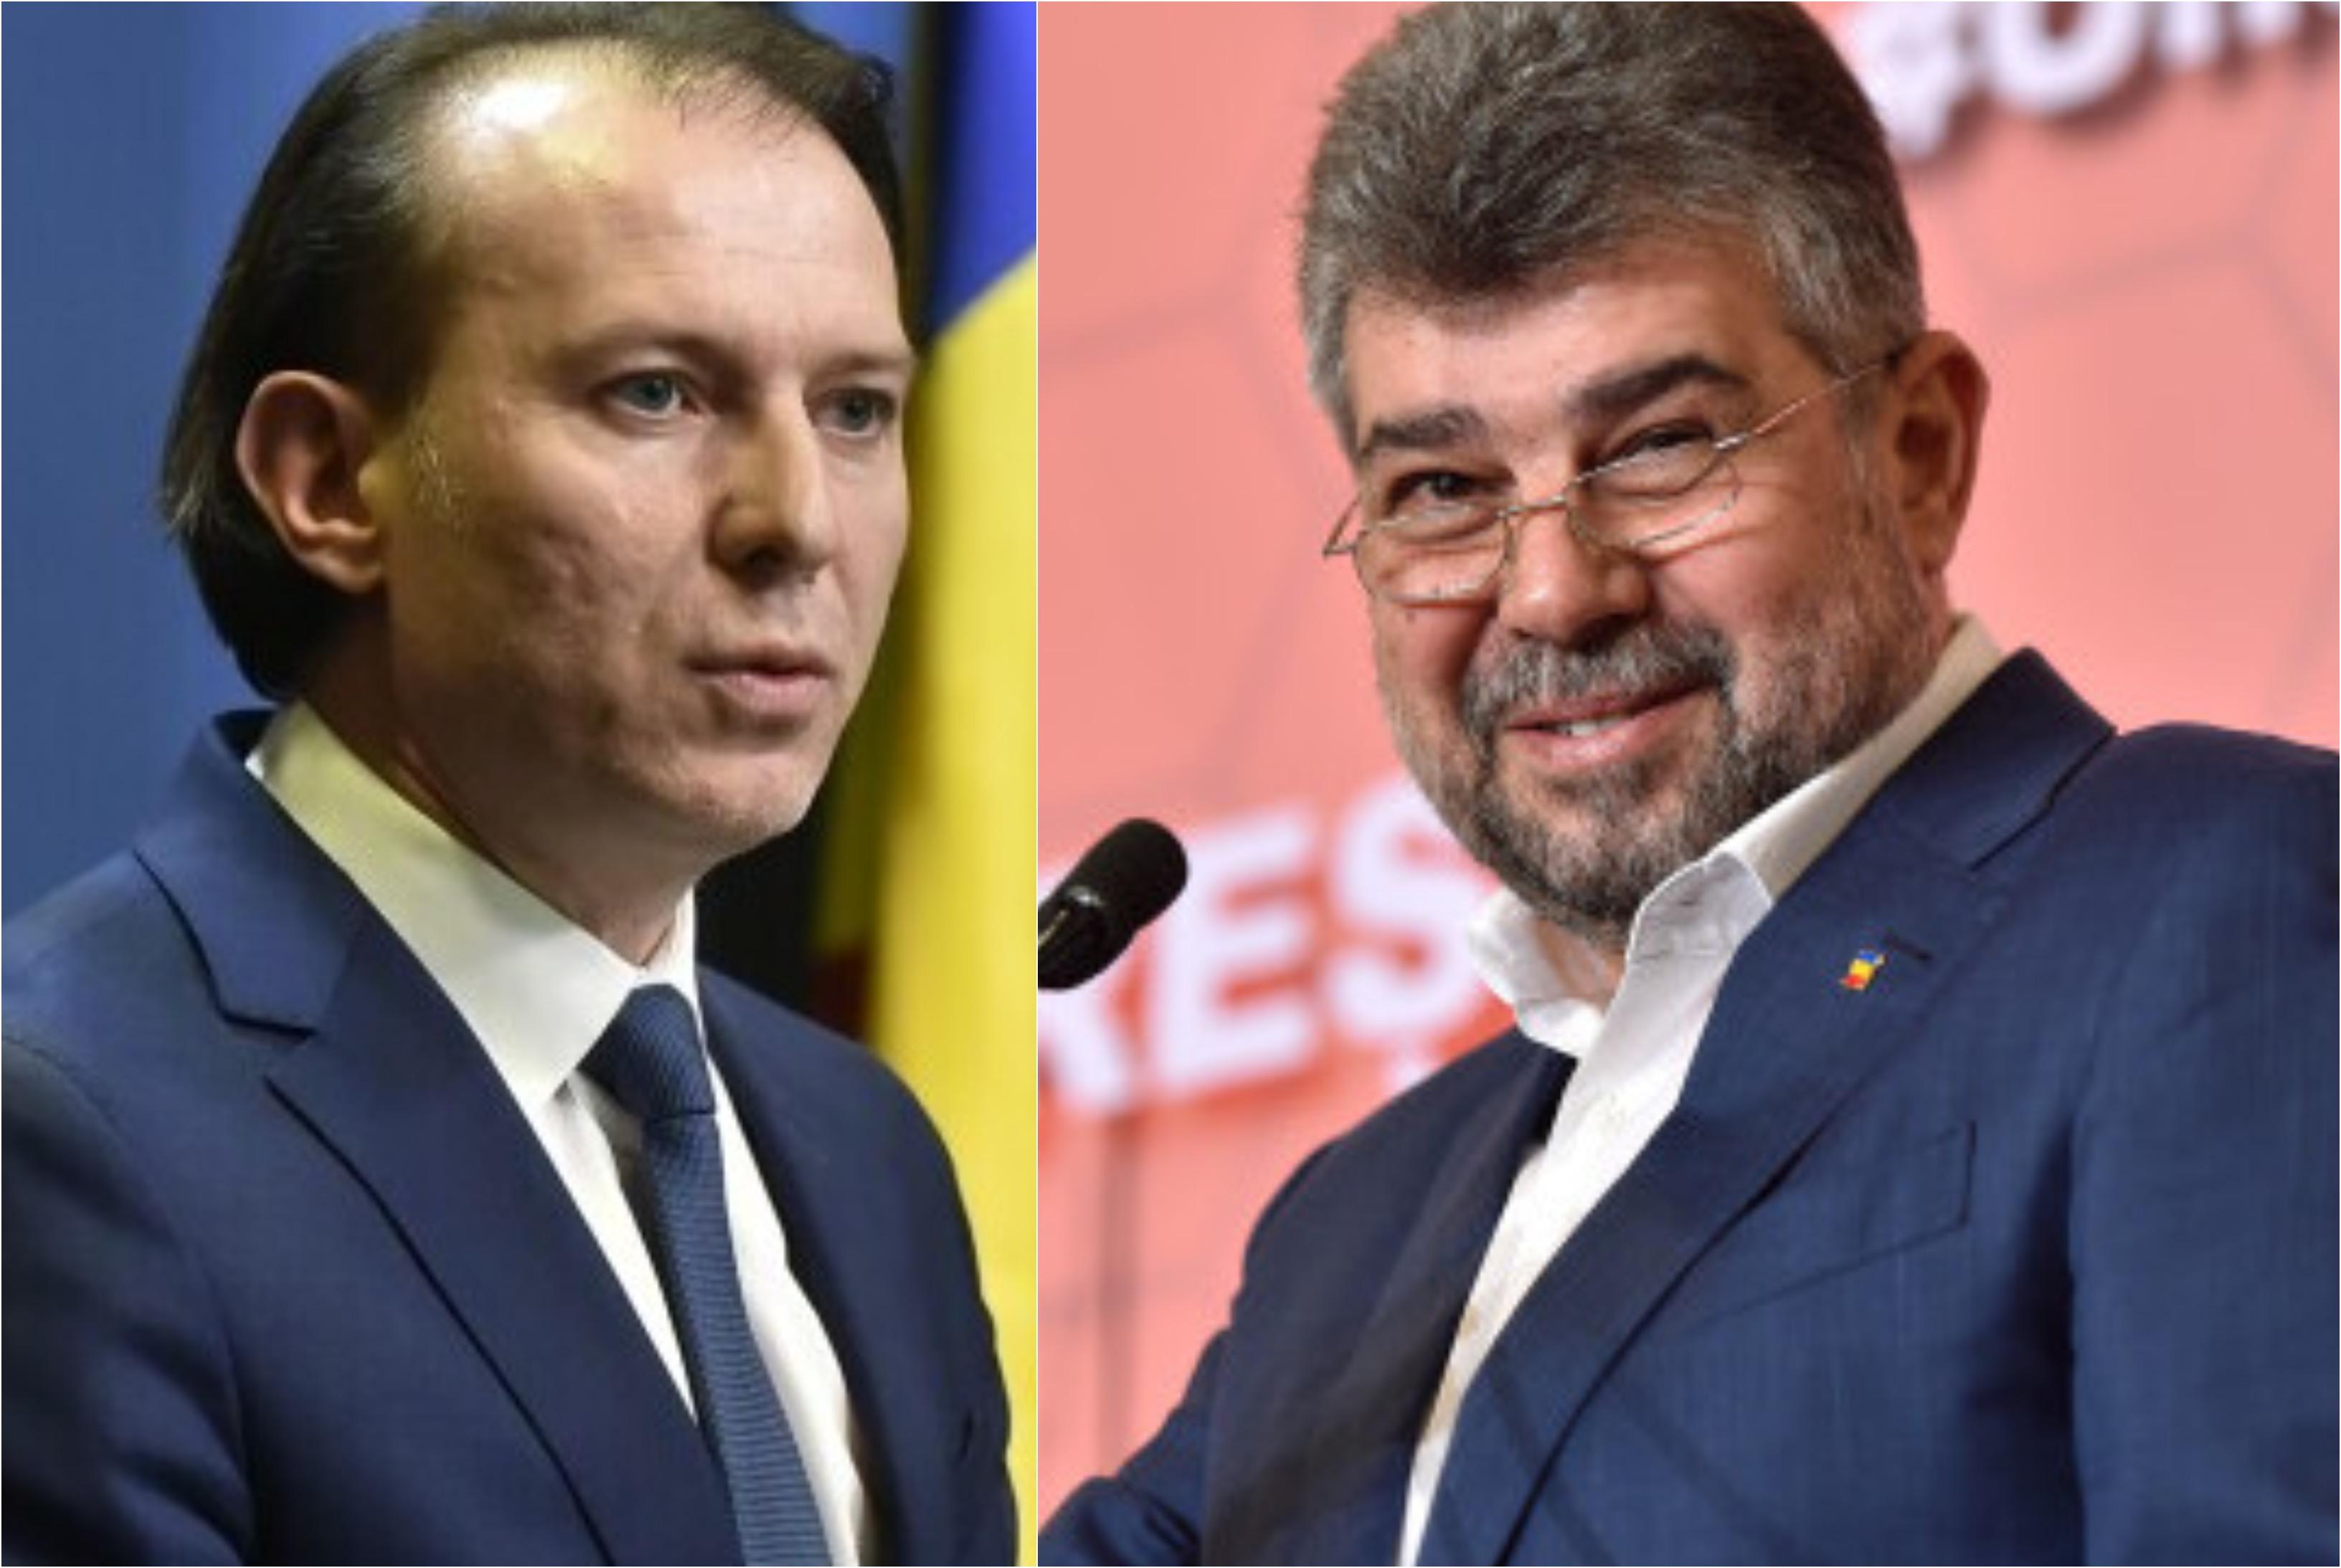 Moșteanu: PNL și PSD au votat împotriva eliminării pensiilor speciale ale primarilor